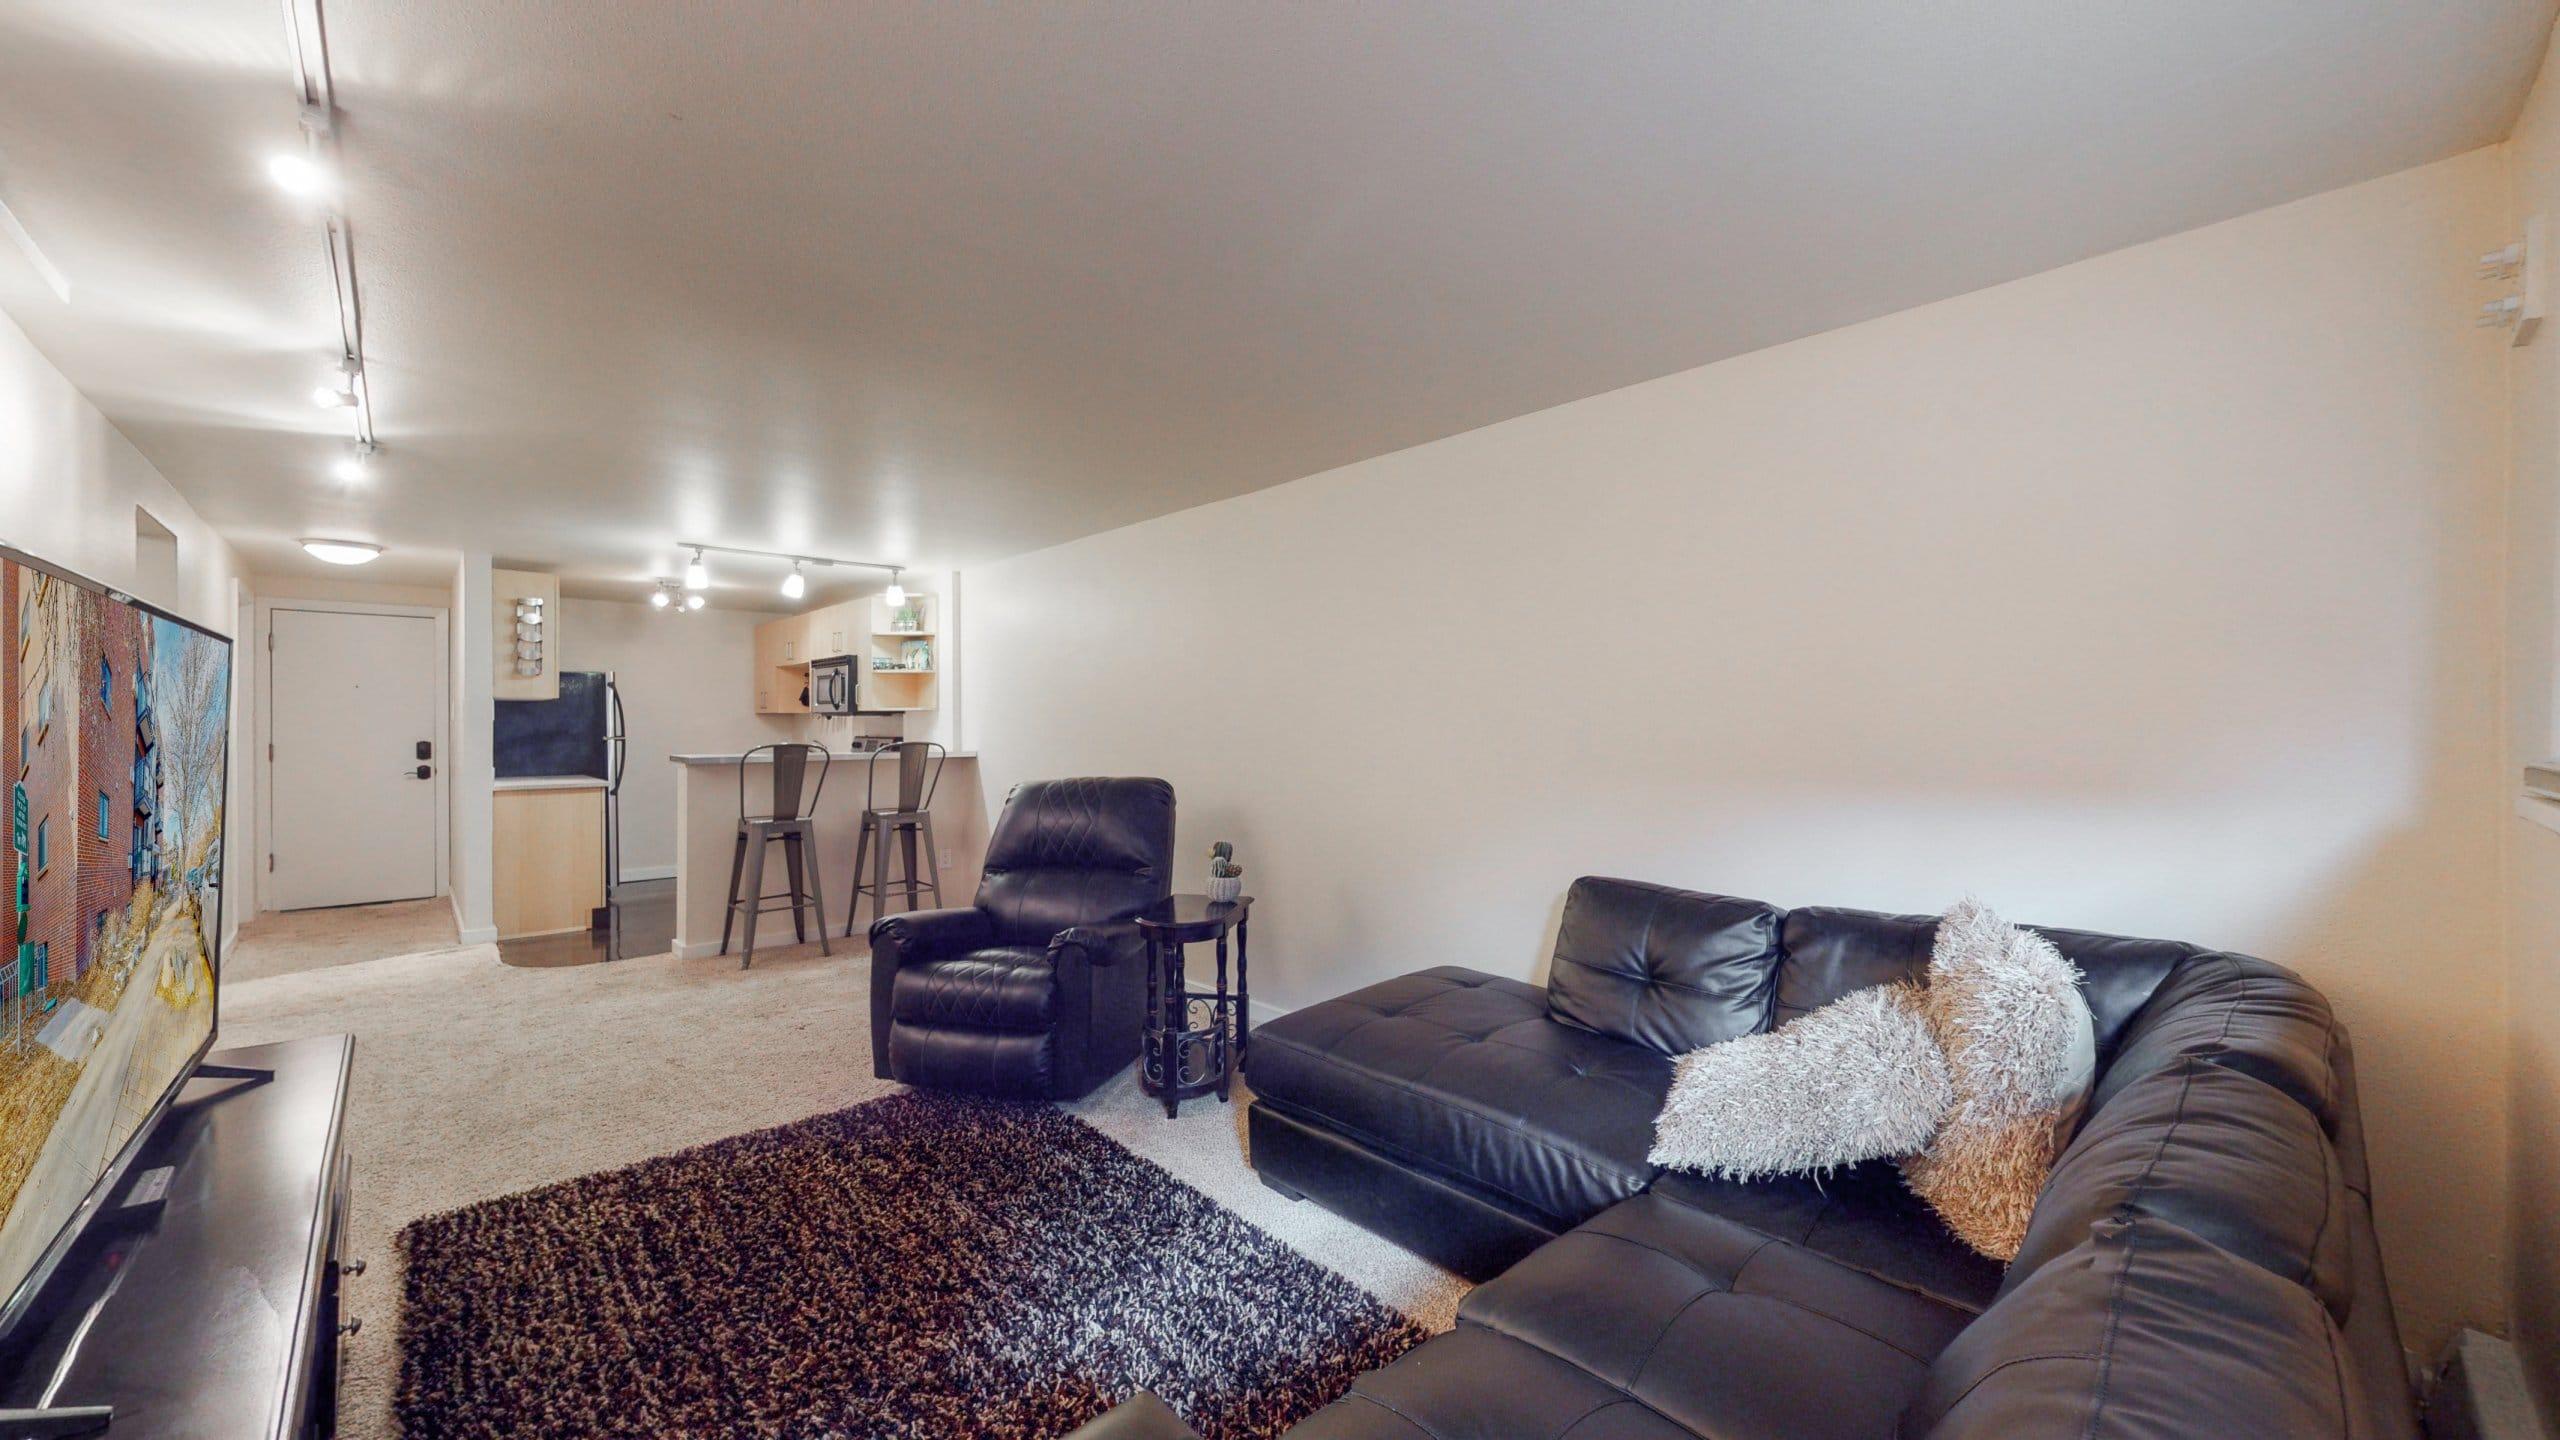 Congress Park Condo For Sale Living Room